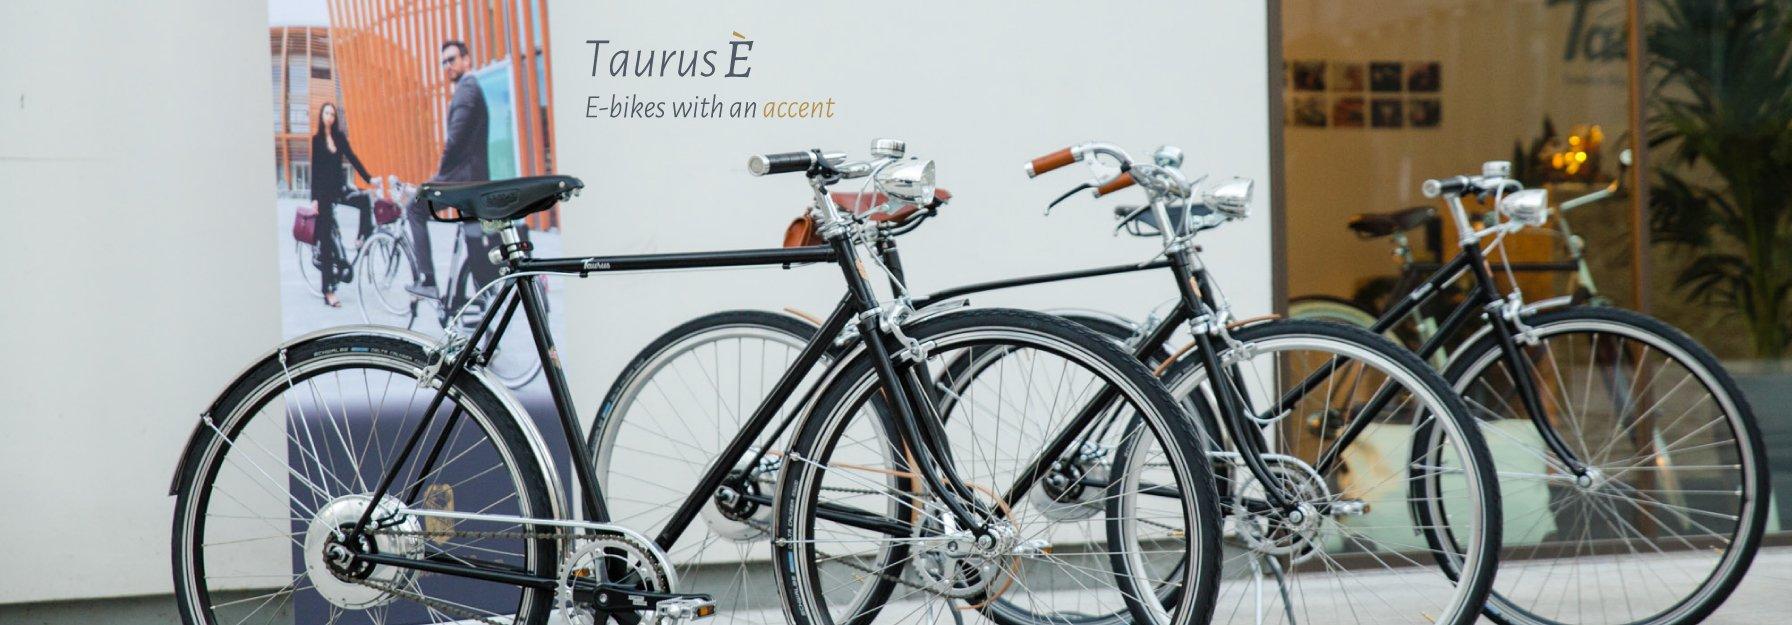 Taurus E Bike La Storia Della Bicicletta In Versione 40